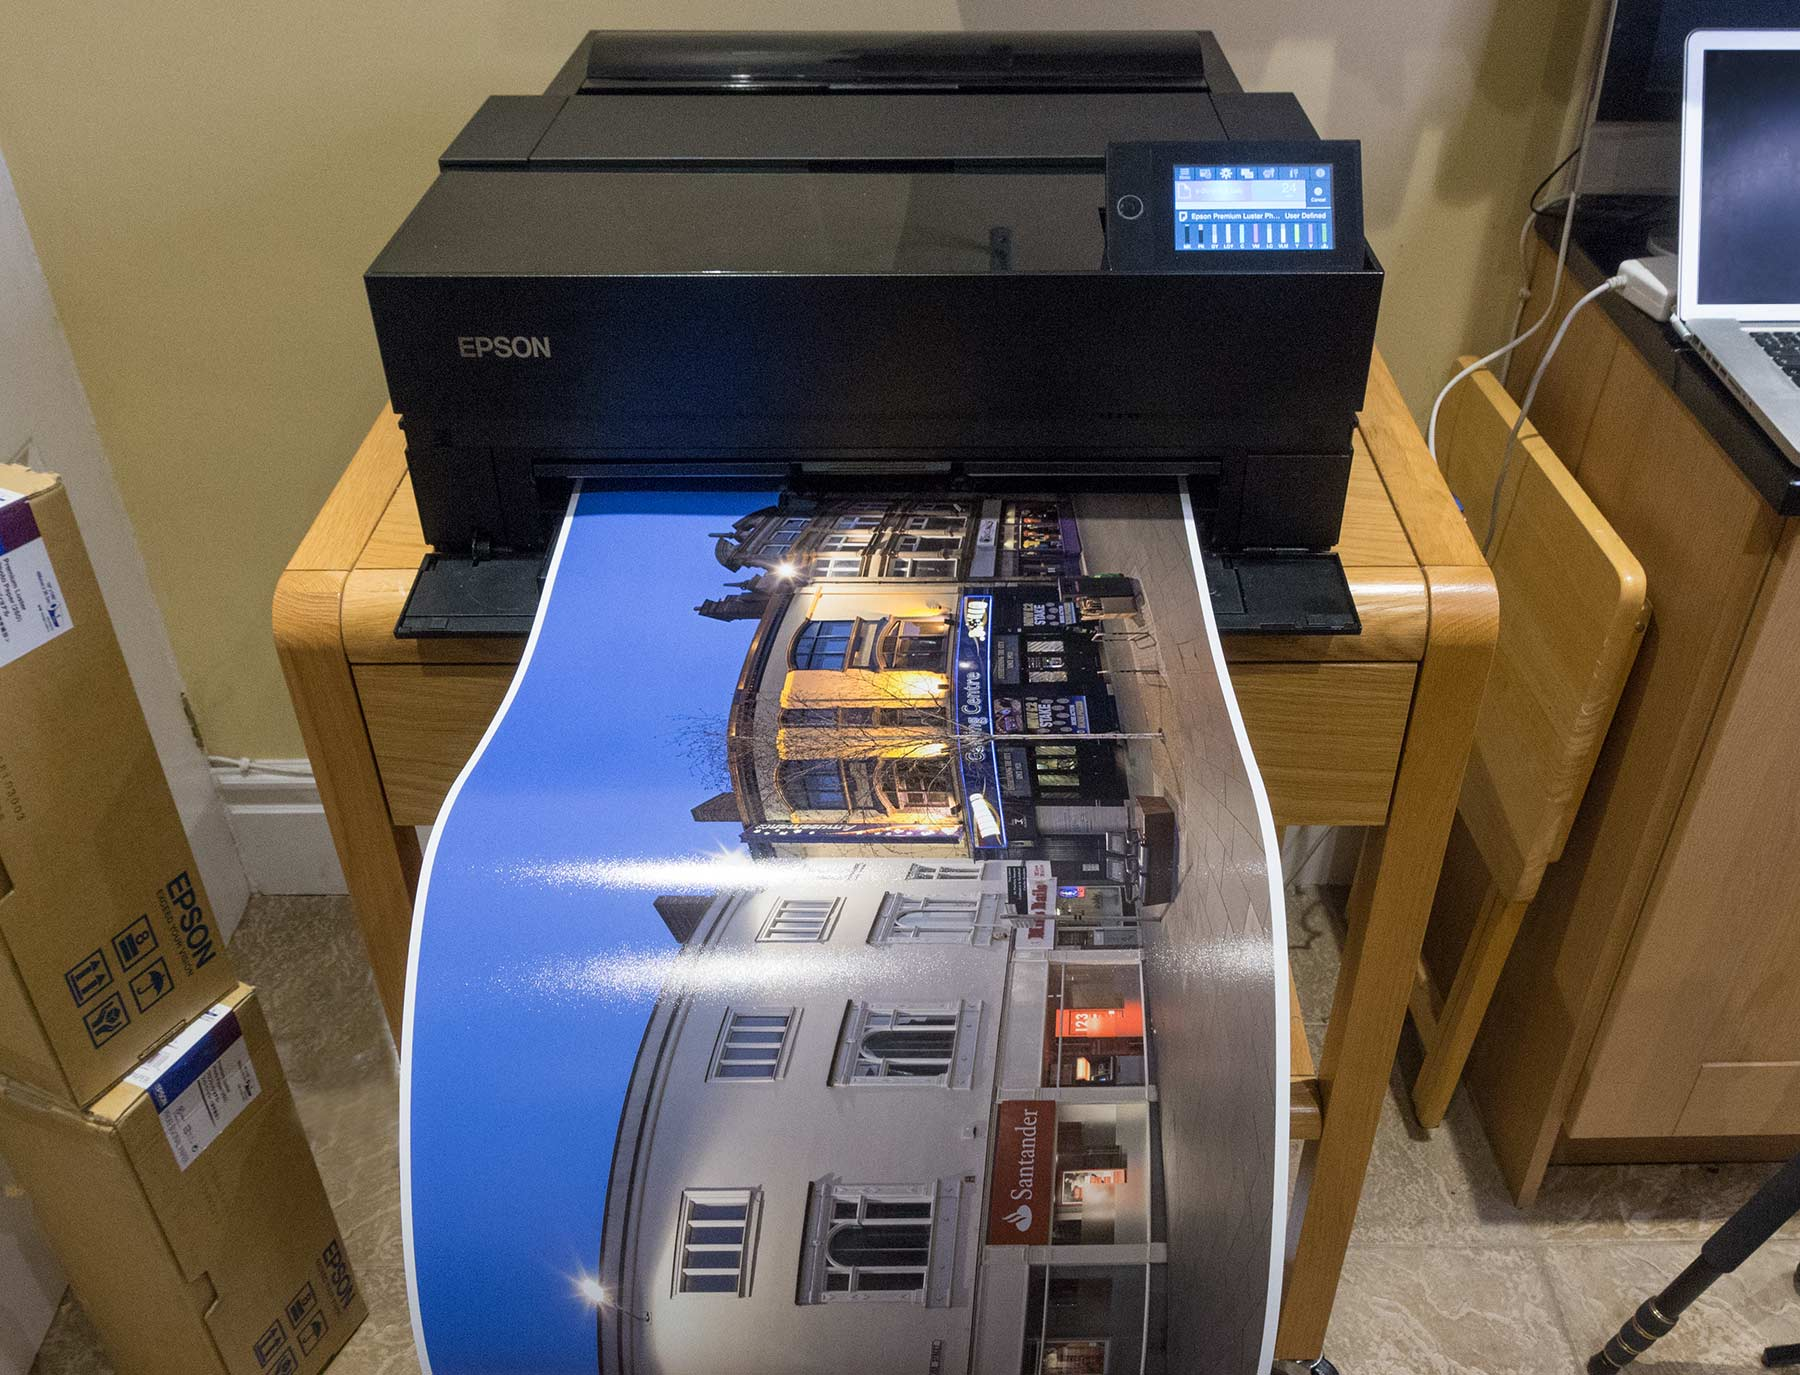 epson p900 printer